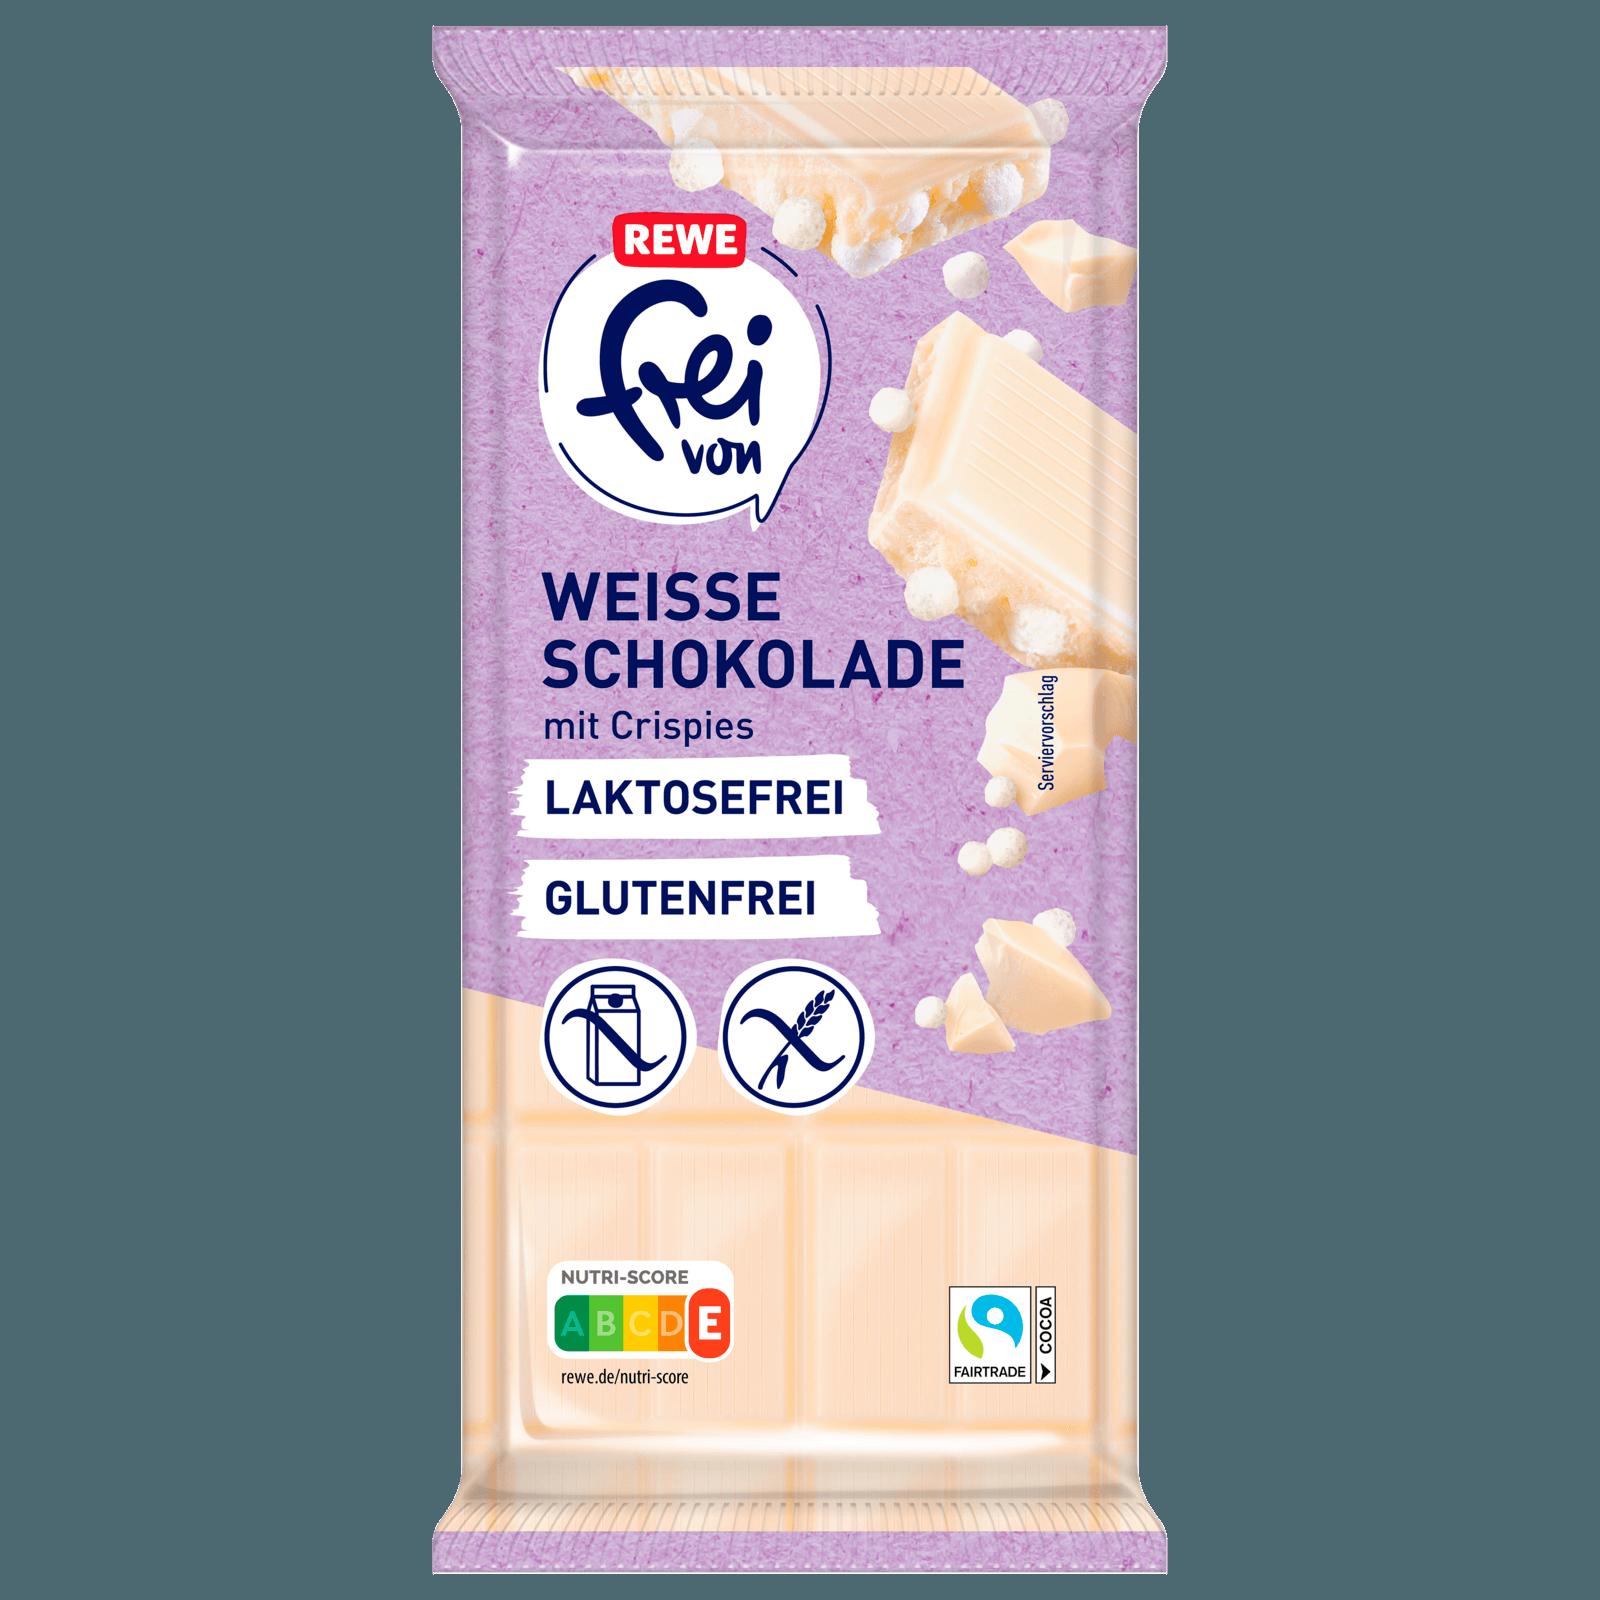 Rewe Frei Von Weisse Schokolade Crisp 100g Bei Rewe Online Bestellen